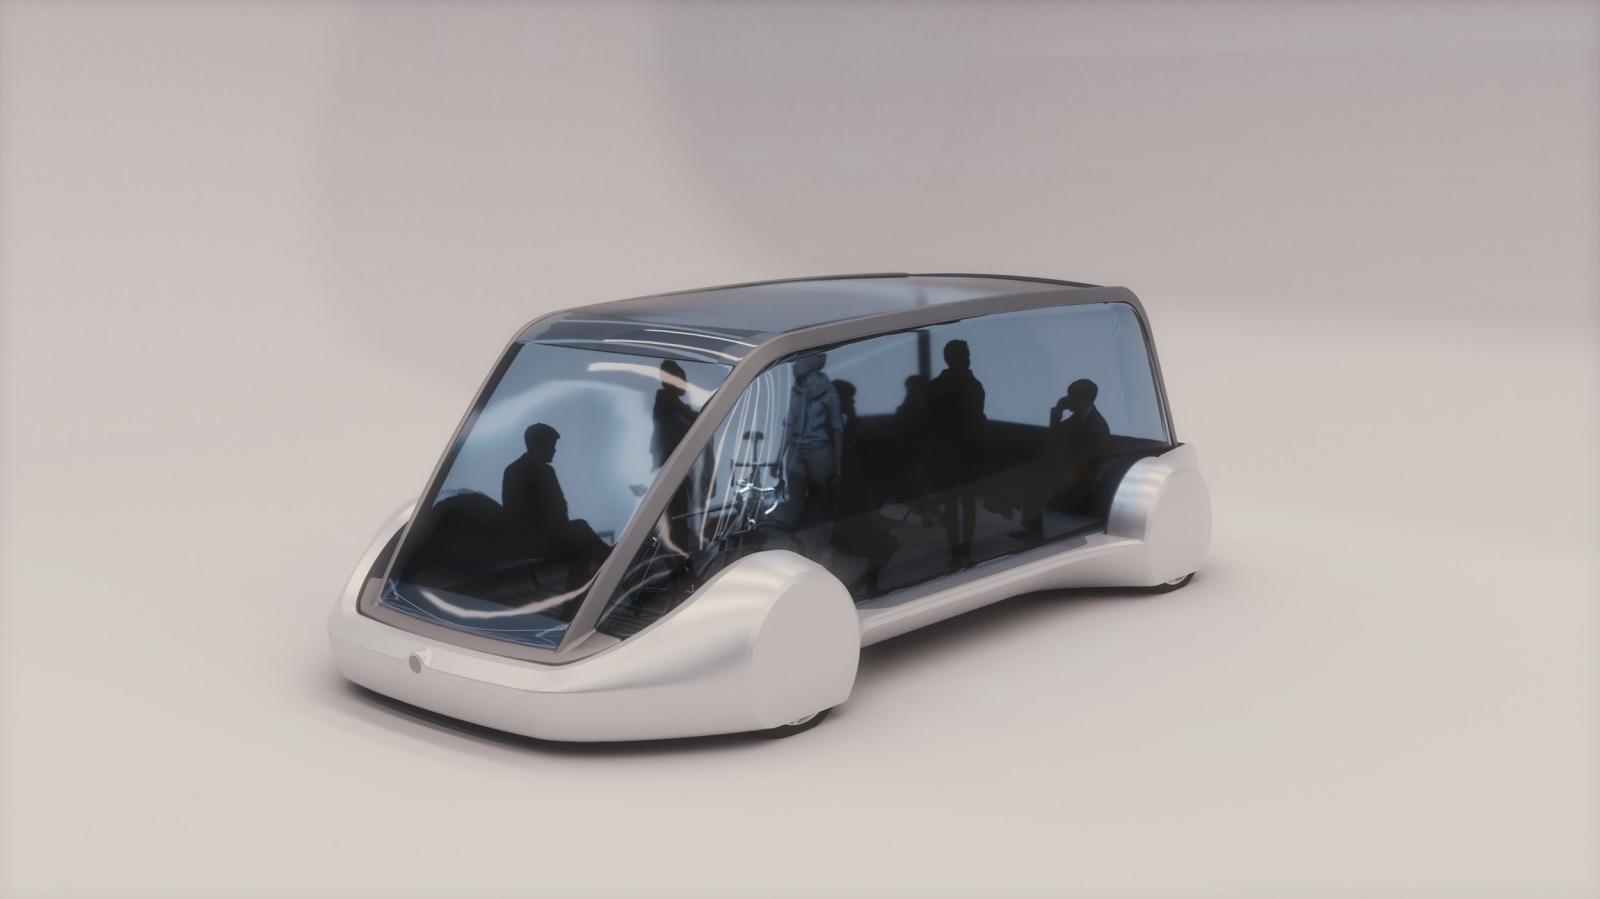 Из Чикаго в аэропорт на автономных тележках под землёй: проект Loop от Илона Маска - 1